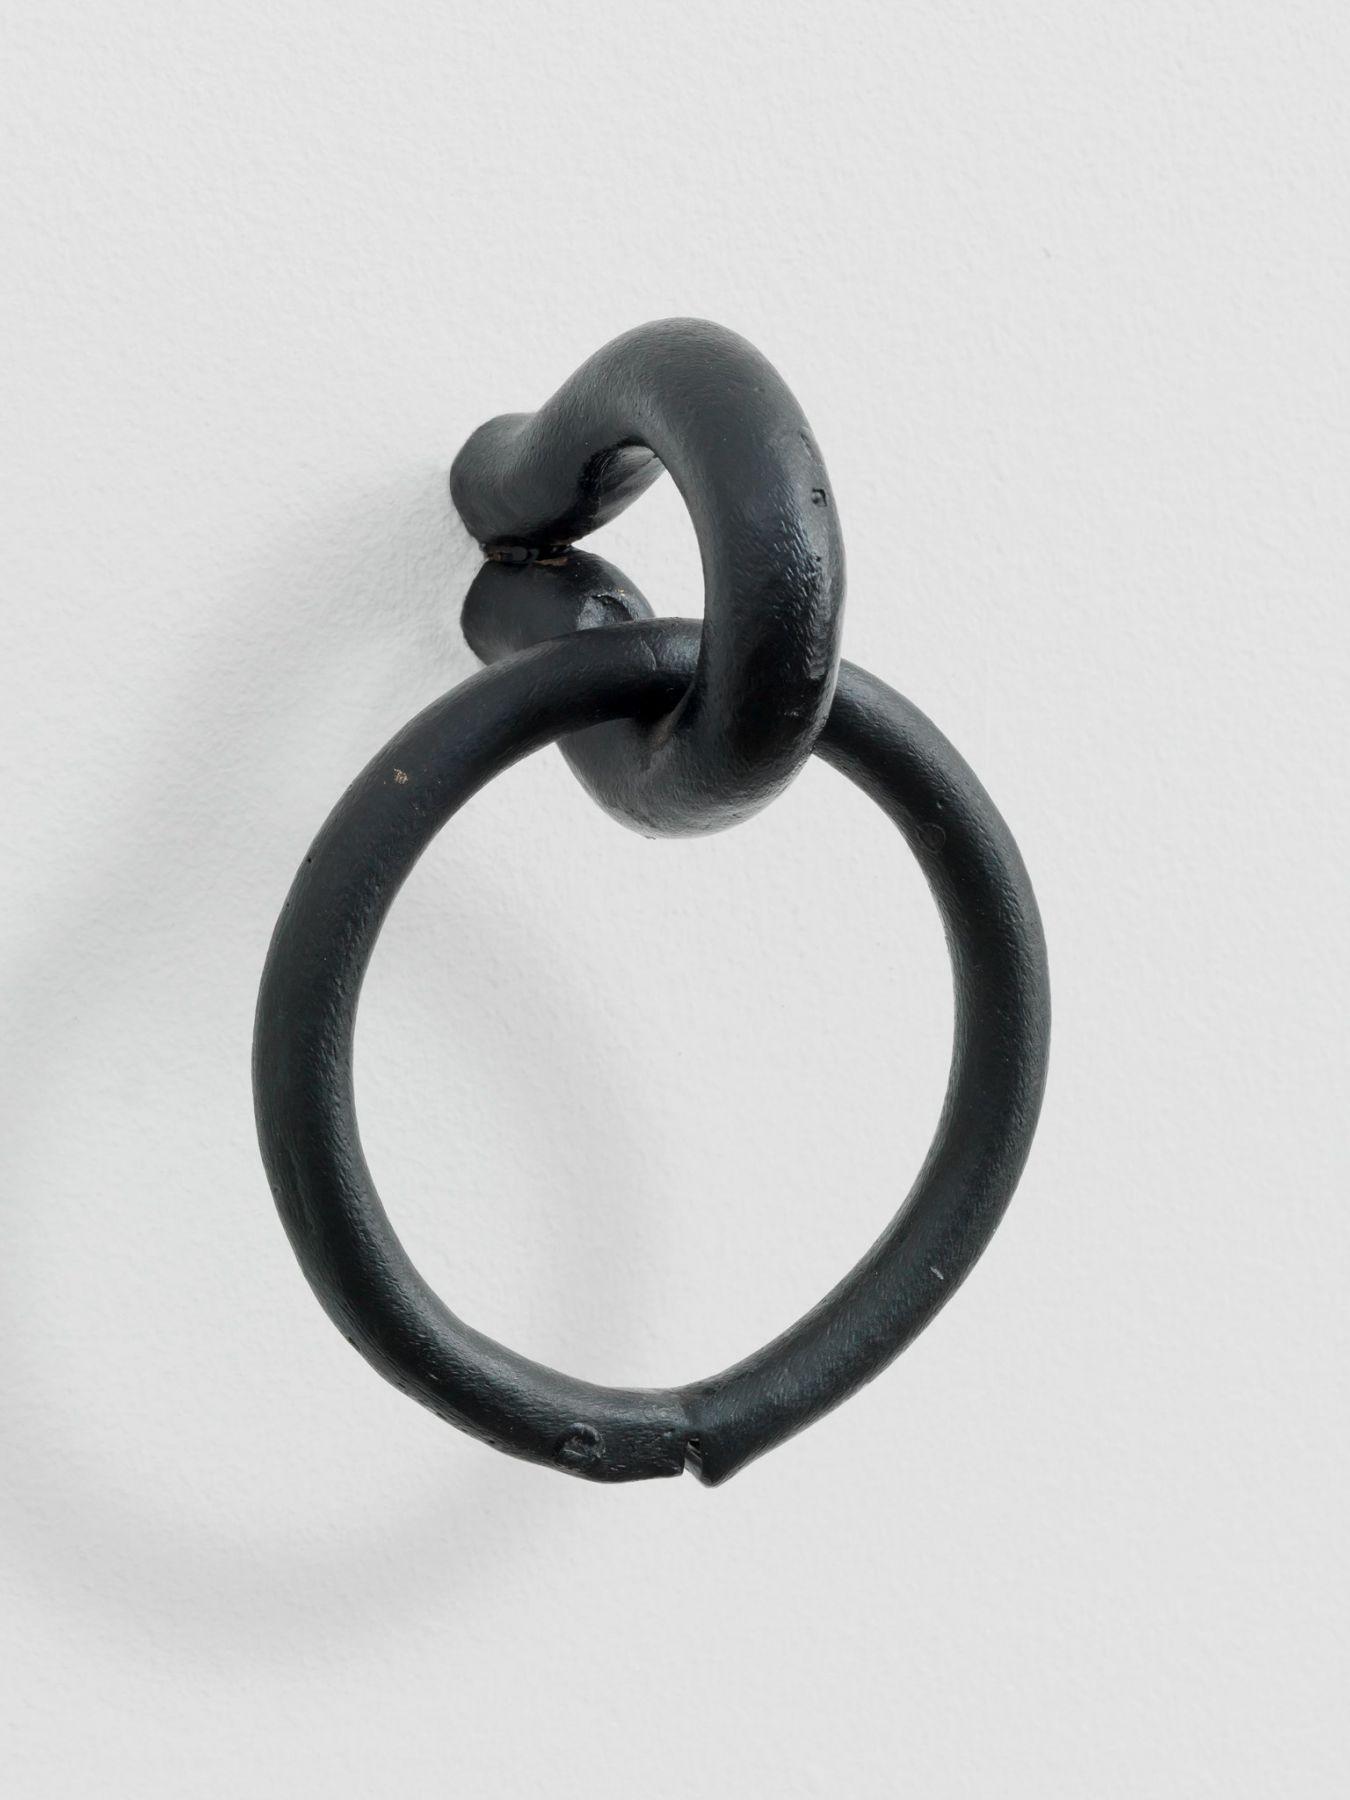 Valentin Carron, Cercle archaïque mate, 2011